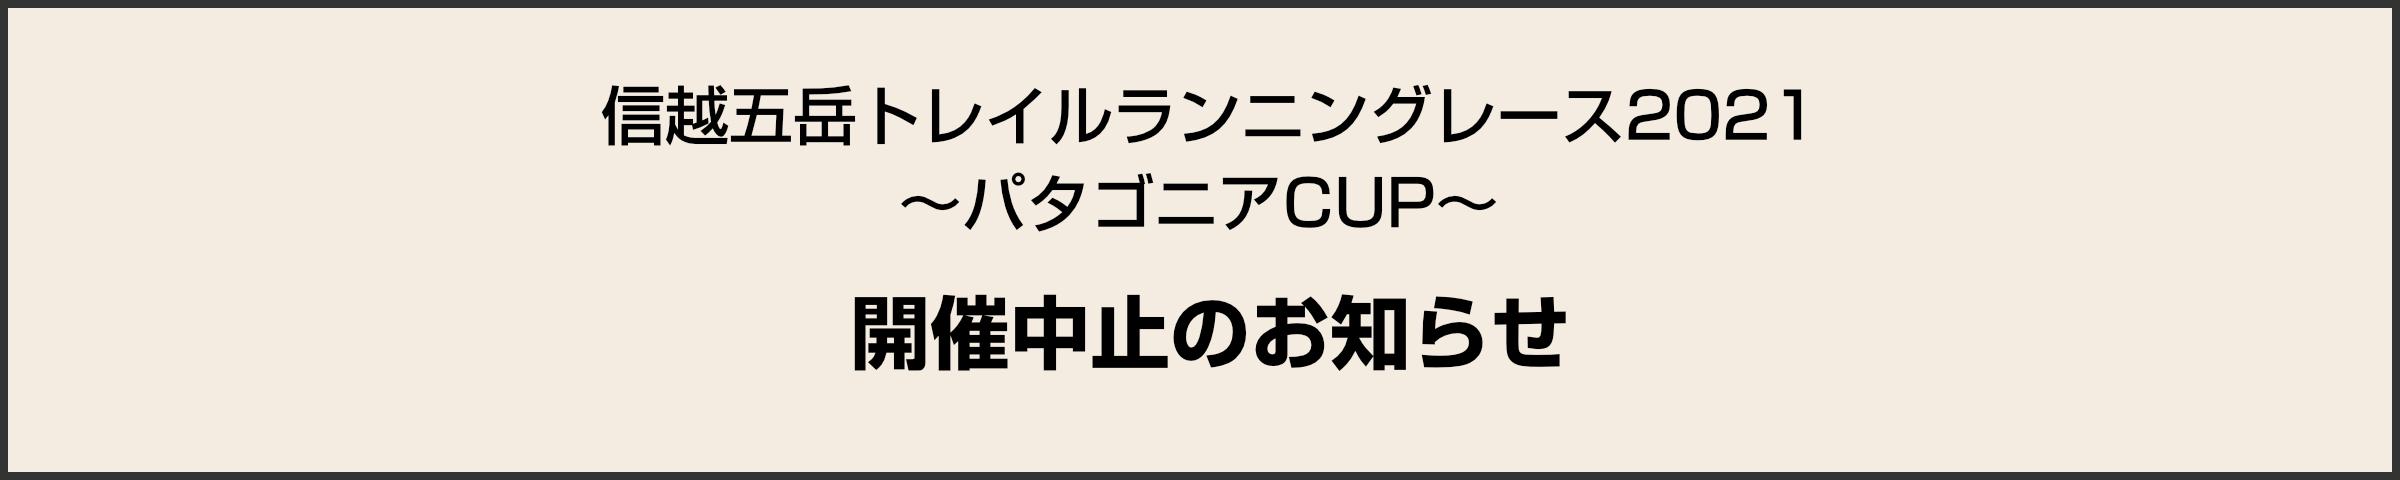 信越五岳トレイルランニングレース 2021〜パタゴニア CUP〜開催中止のお知らせ